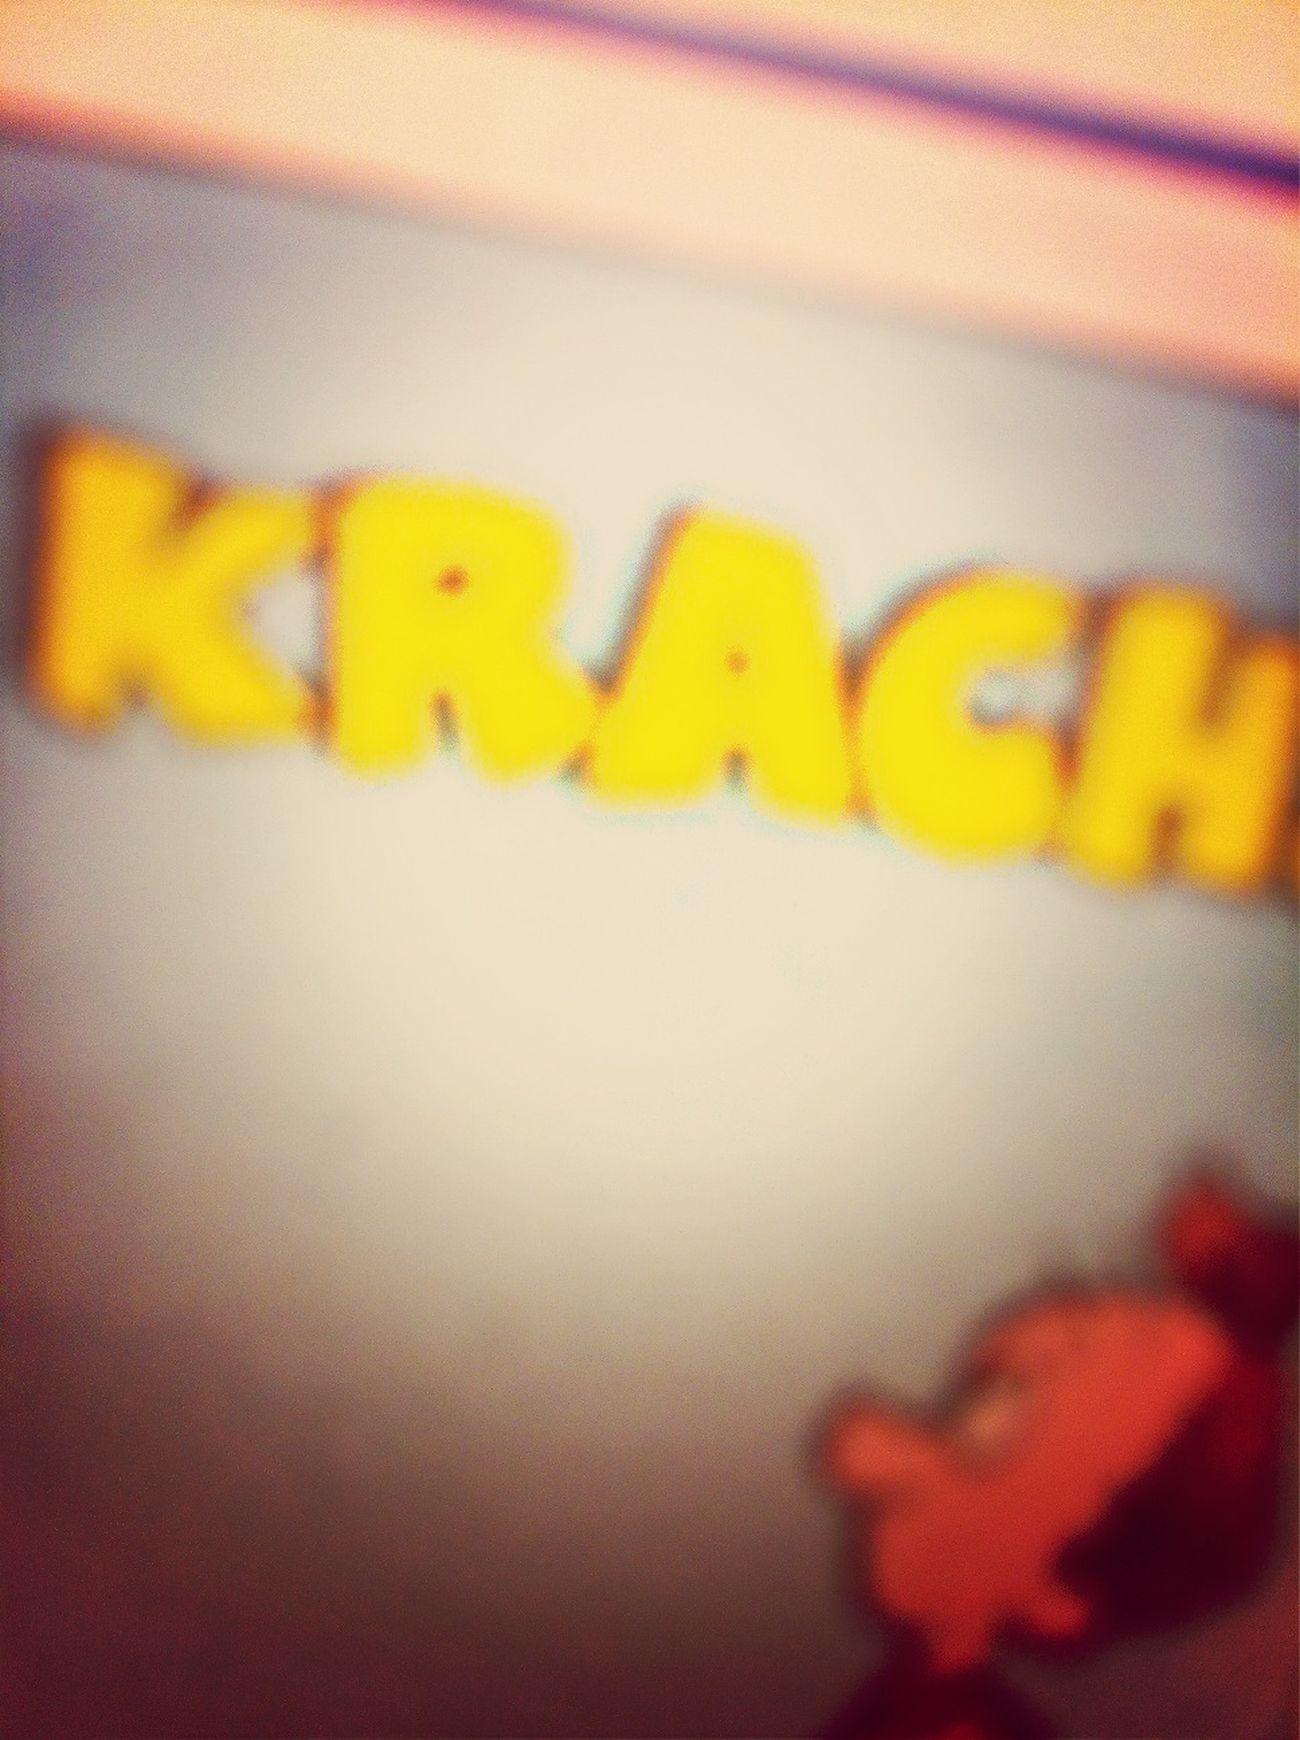 Krach